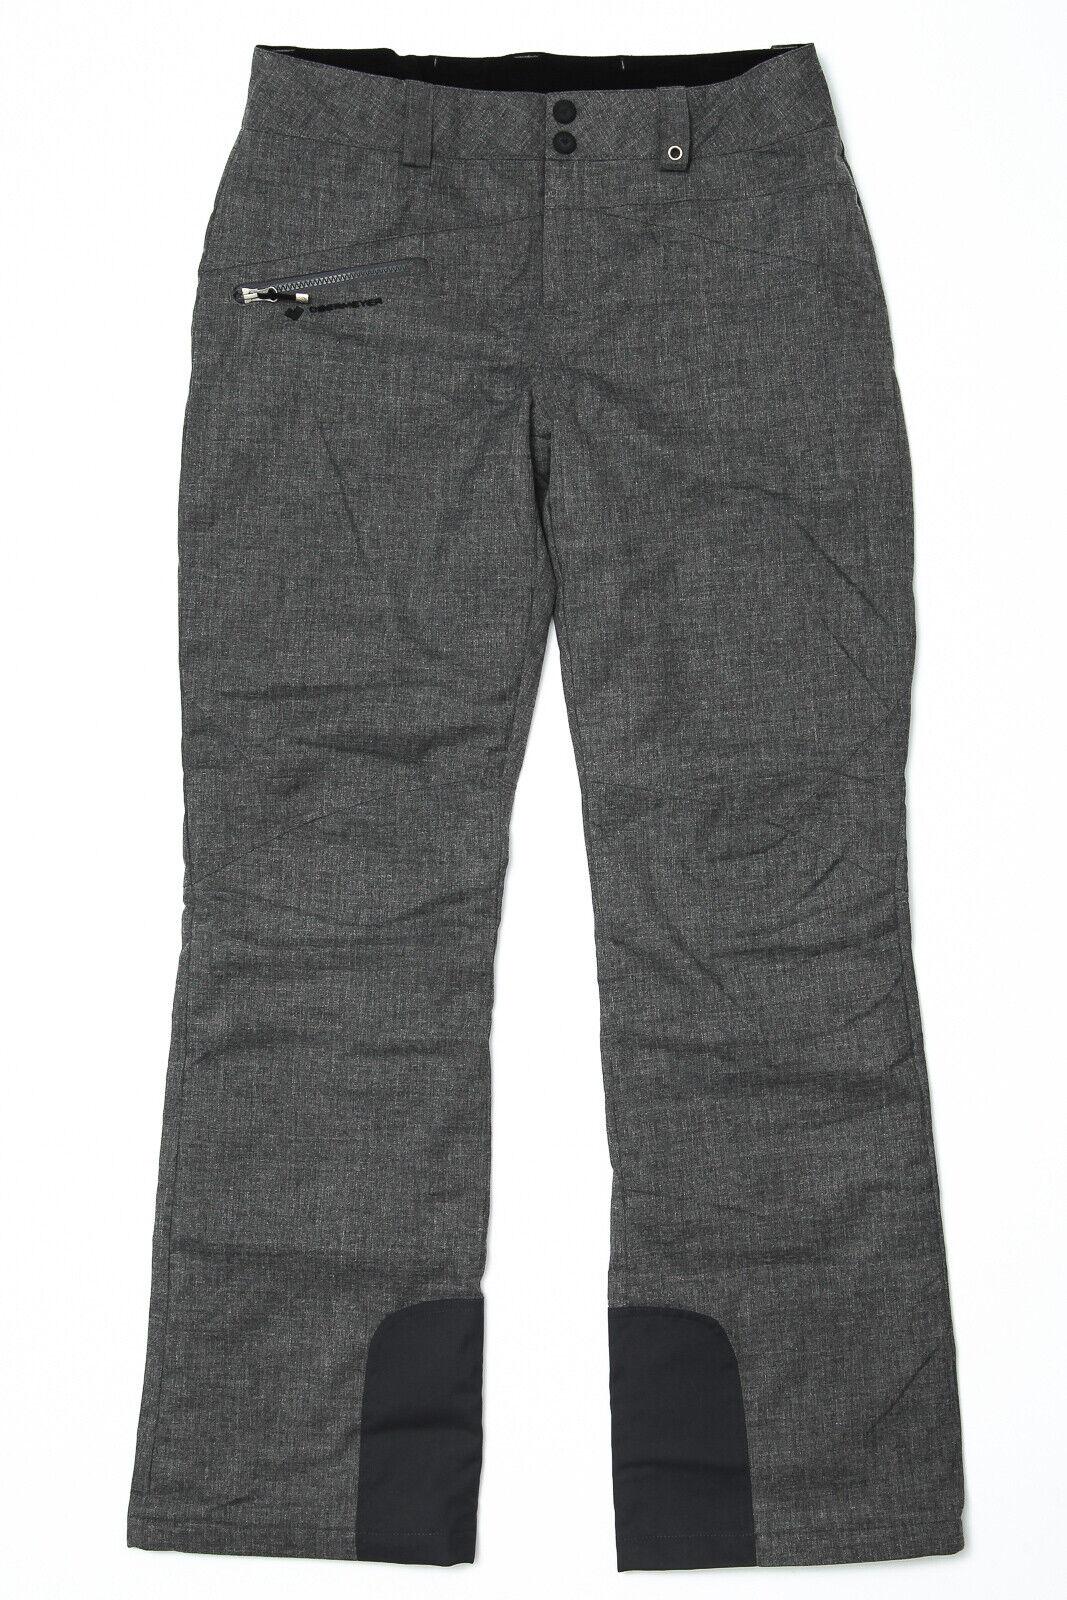 Obermeyer Malta Ski Snow Pants Charcoal grau - damen Sz 10 Long